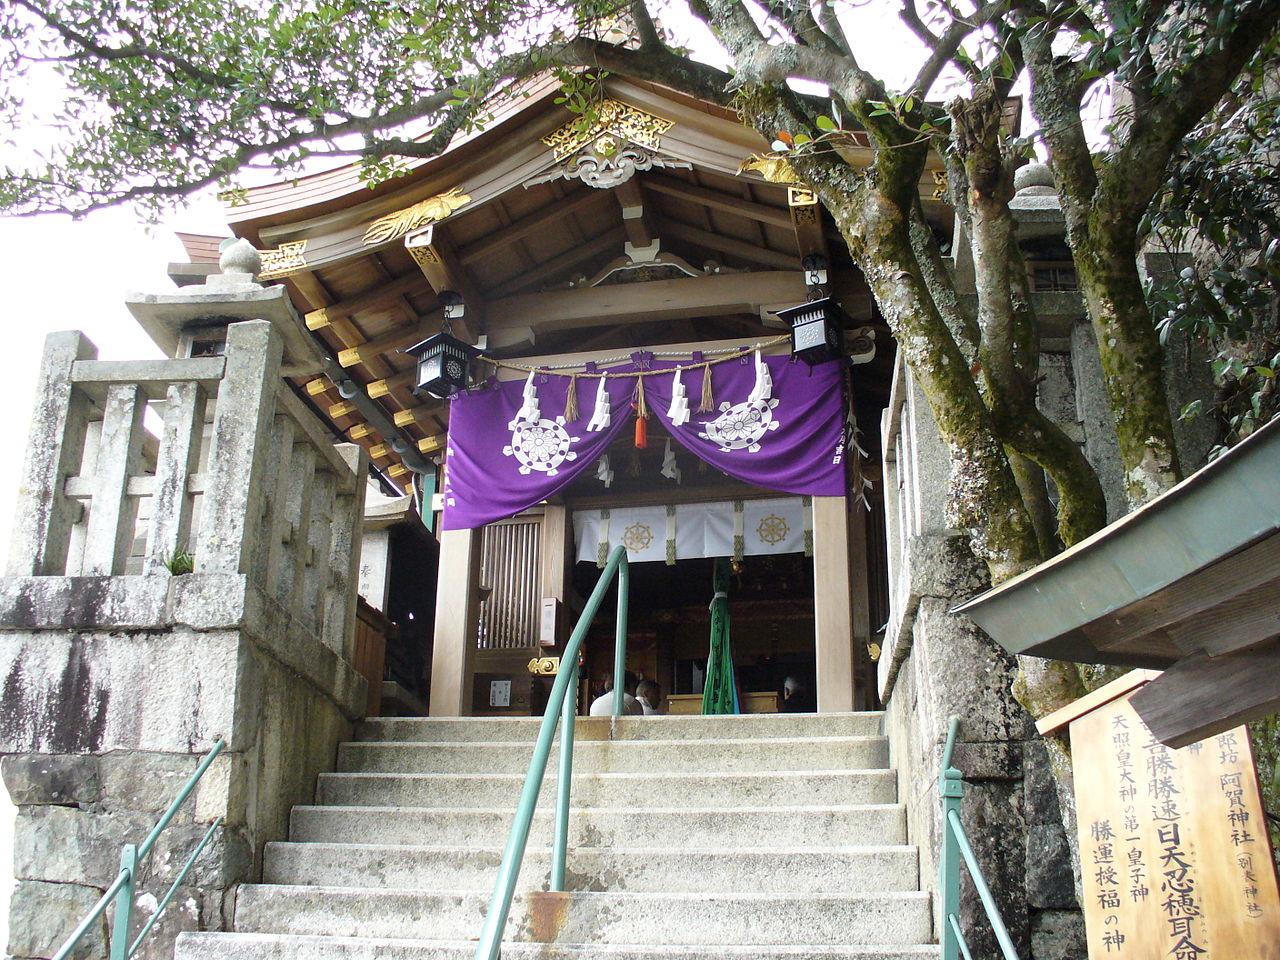 [御祭神がアメノオシホミミ]初詣で人気の神社のキャプチャー